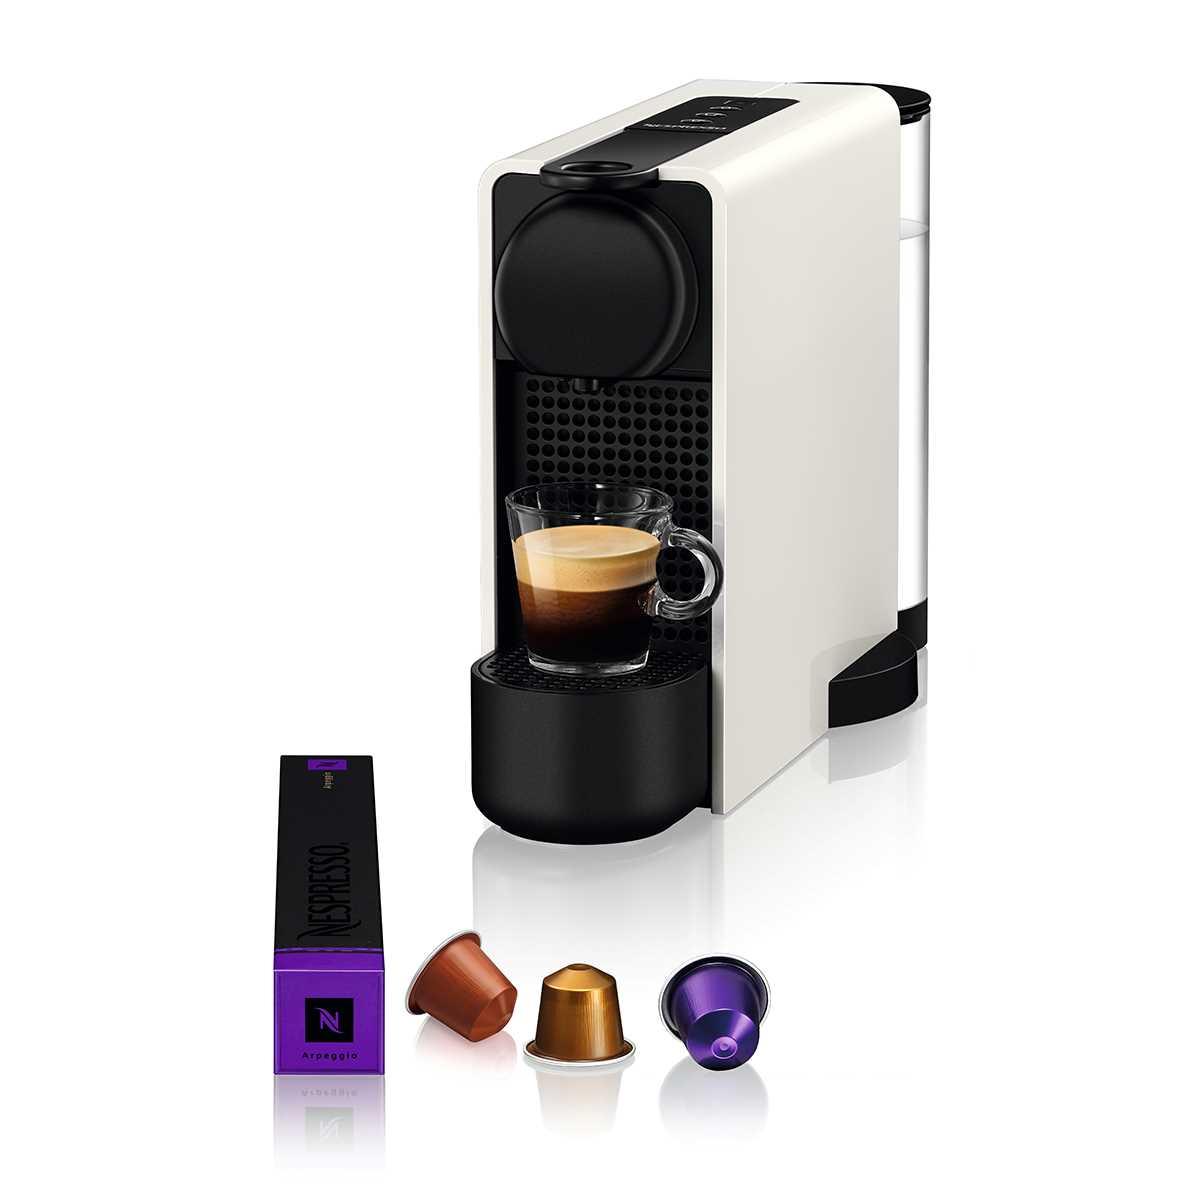 מכונת קפה NESPRESSO Essenza Plus C45 - צבע לבן - תמונה 1